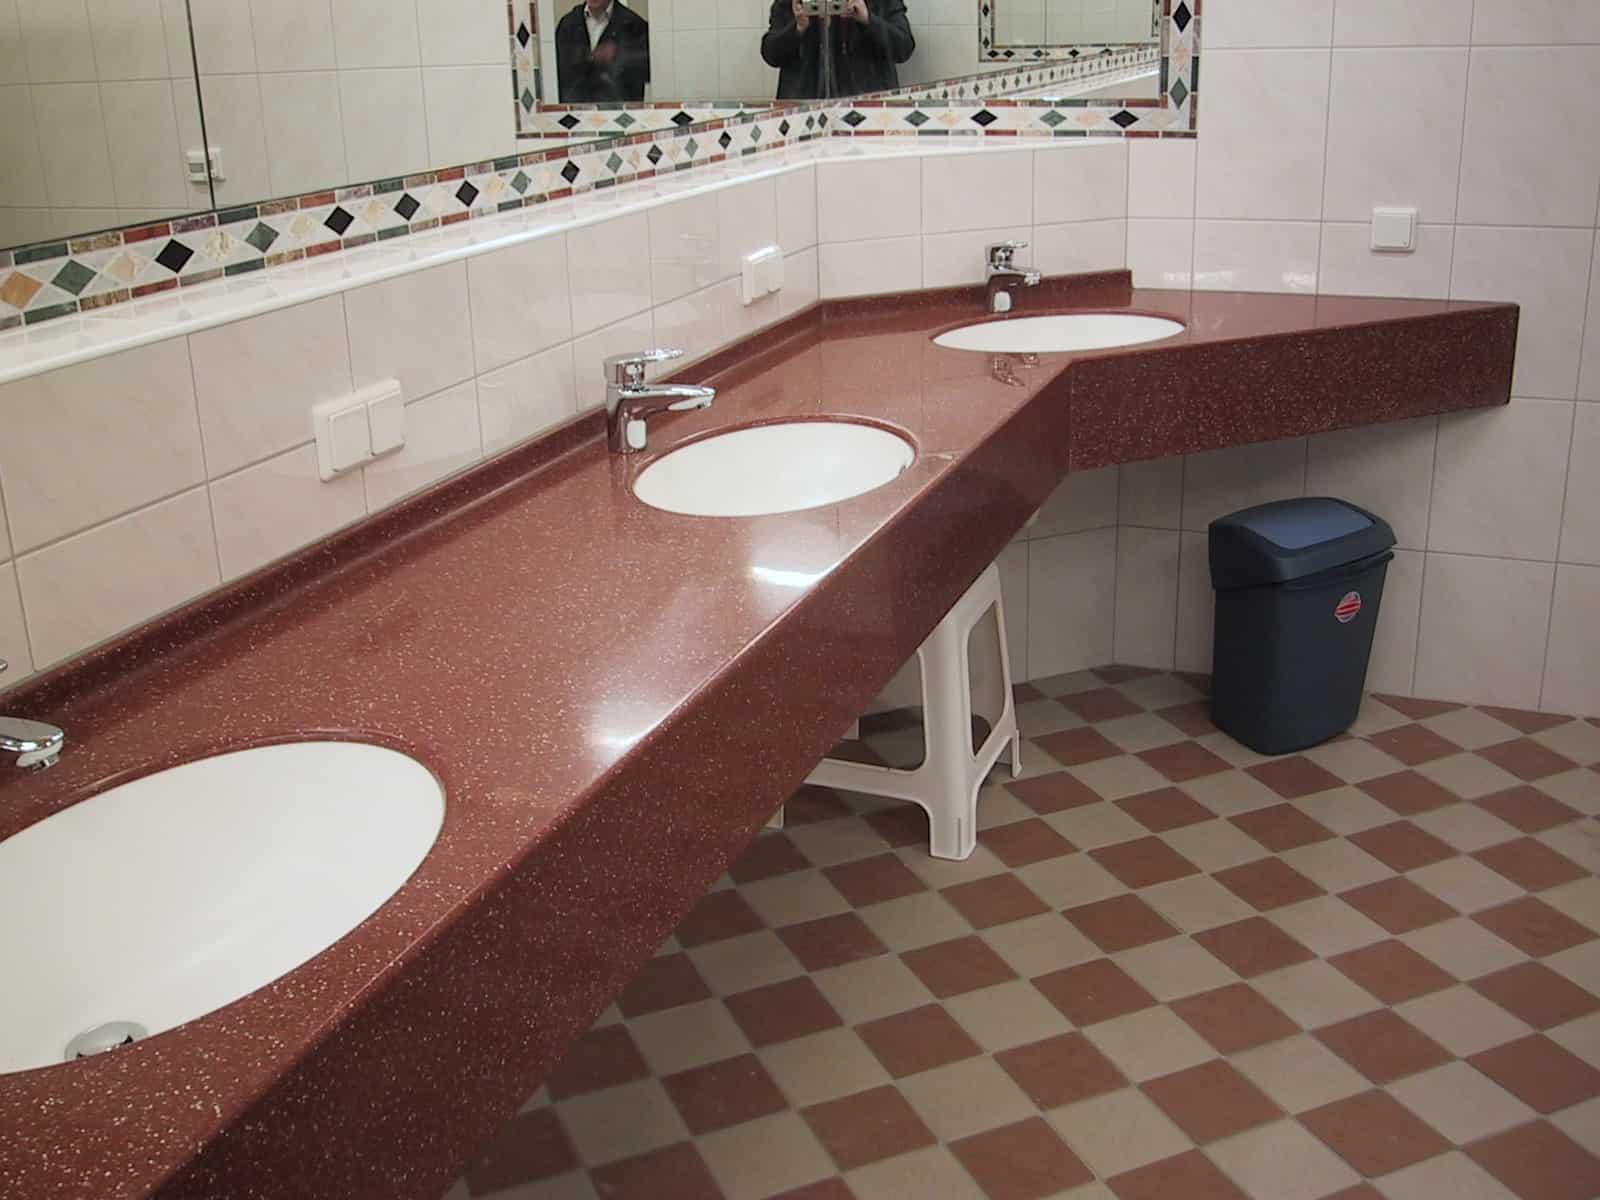 Badkamer wastafel kom unieke badkamer wasbak kom goedkoop badkamer